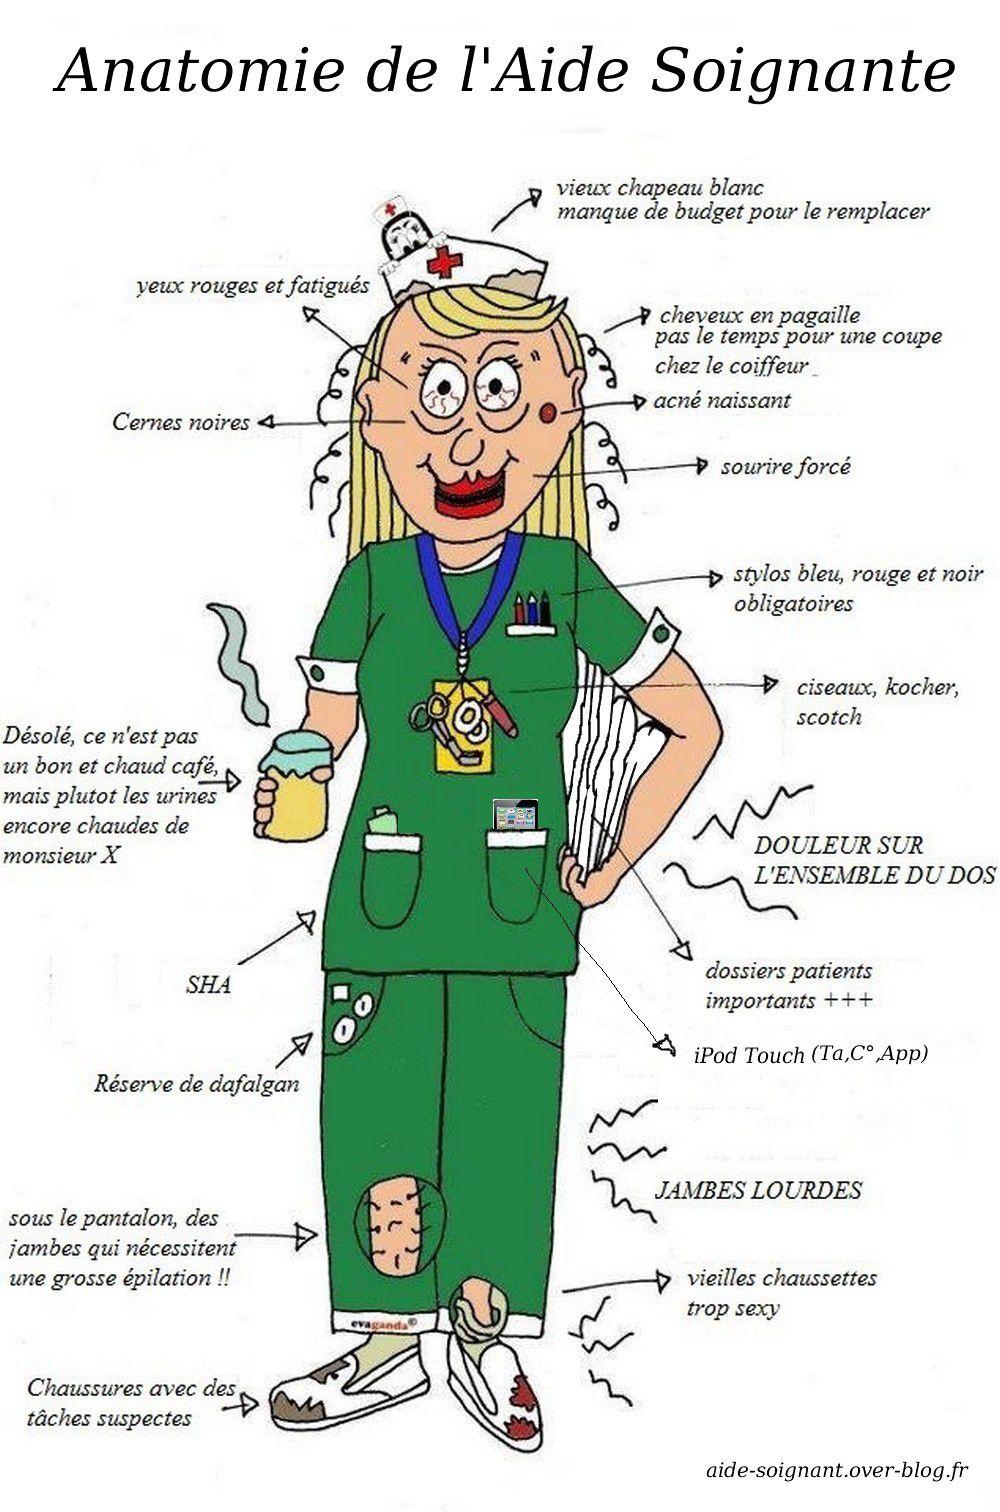 Anatomie De L Aide Soignante Le Blog D Un Aide Soignant